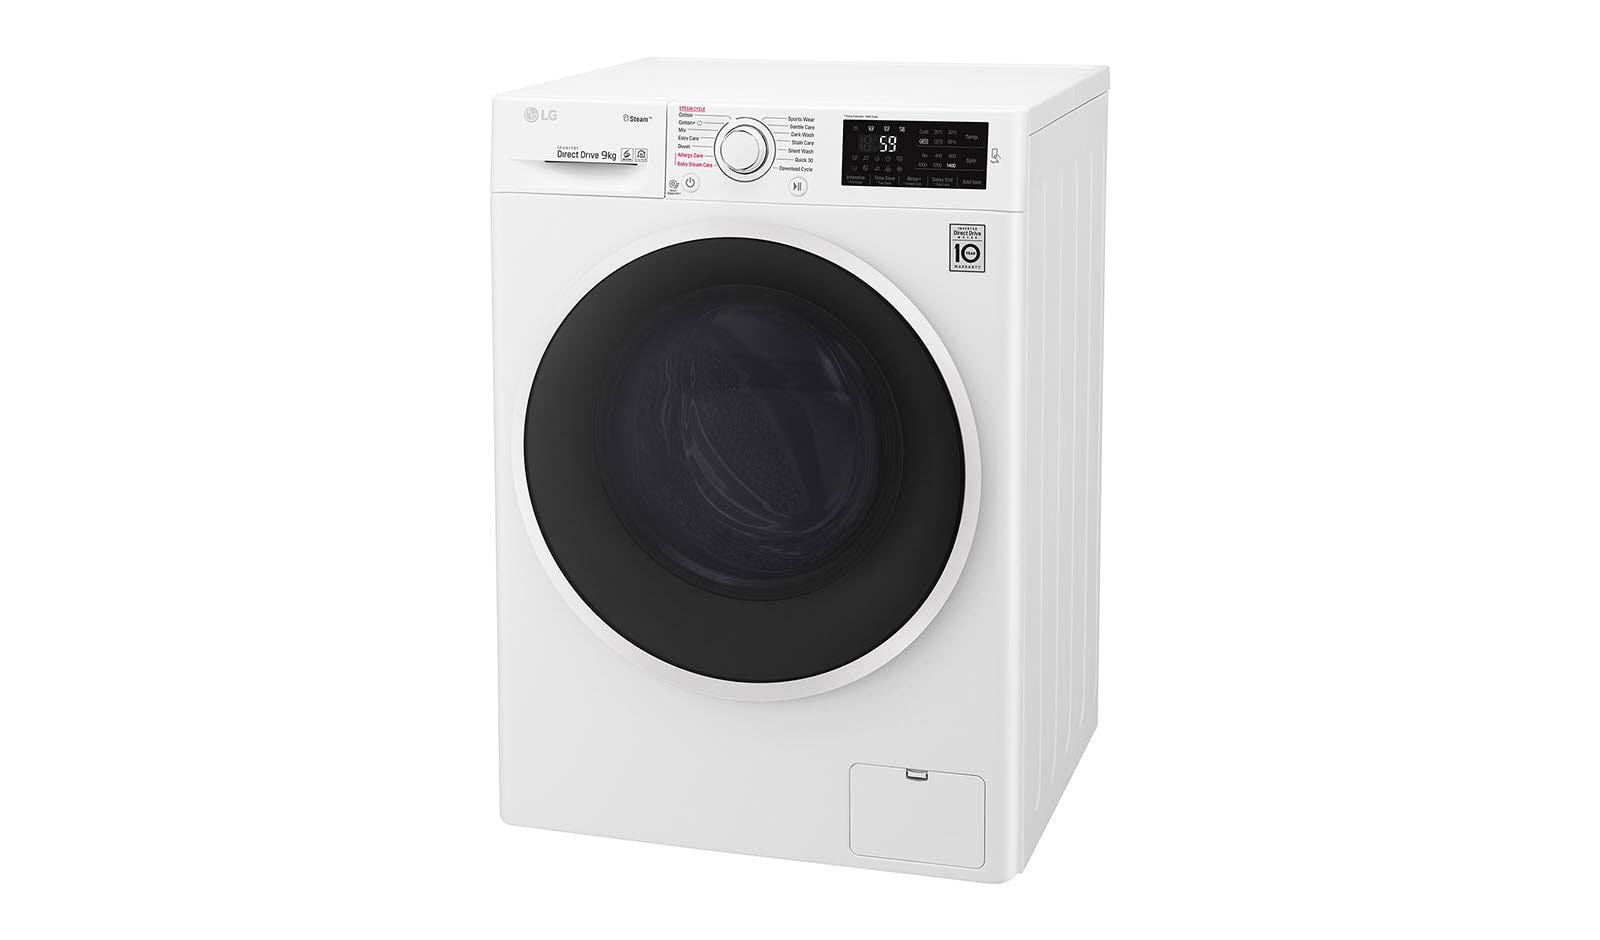 Alıcı için Cheat sayfası: bulaşık makinesi nasıl seçilir